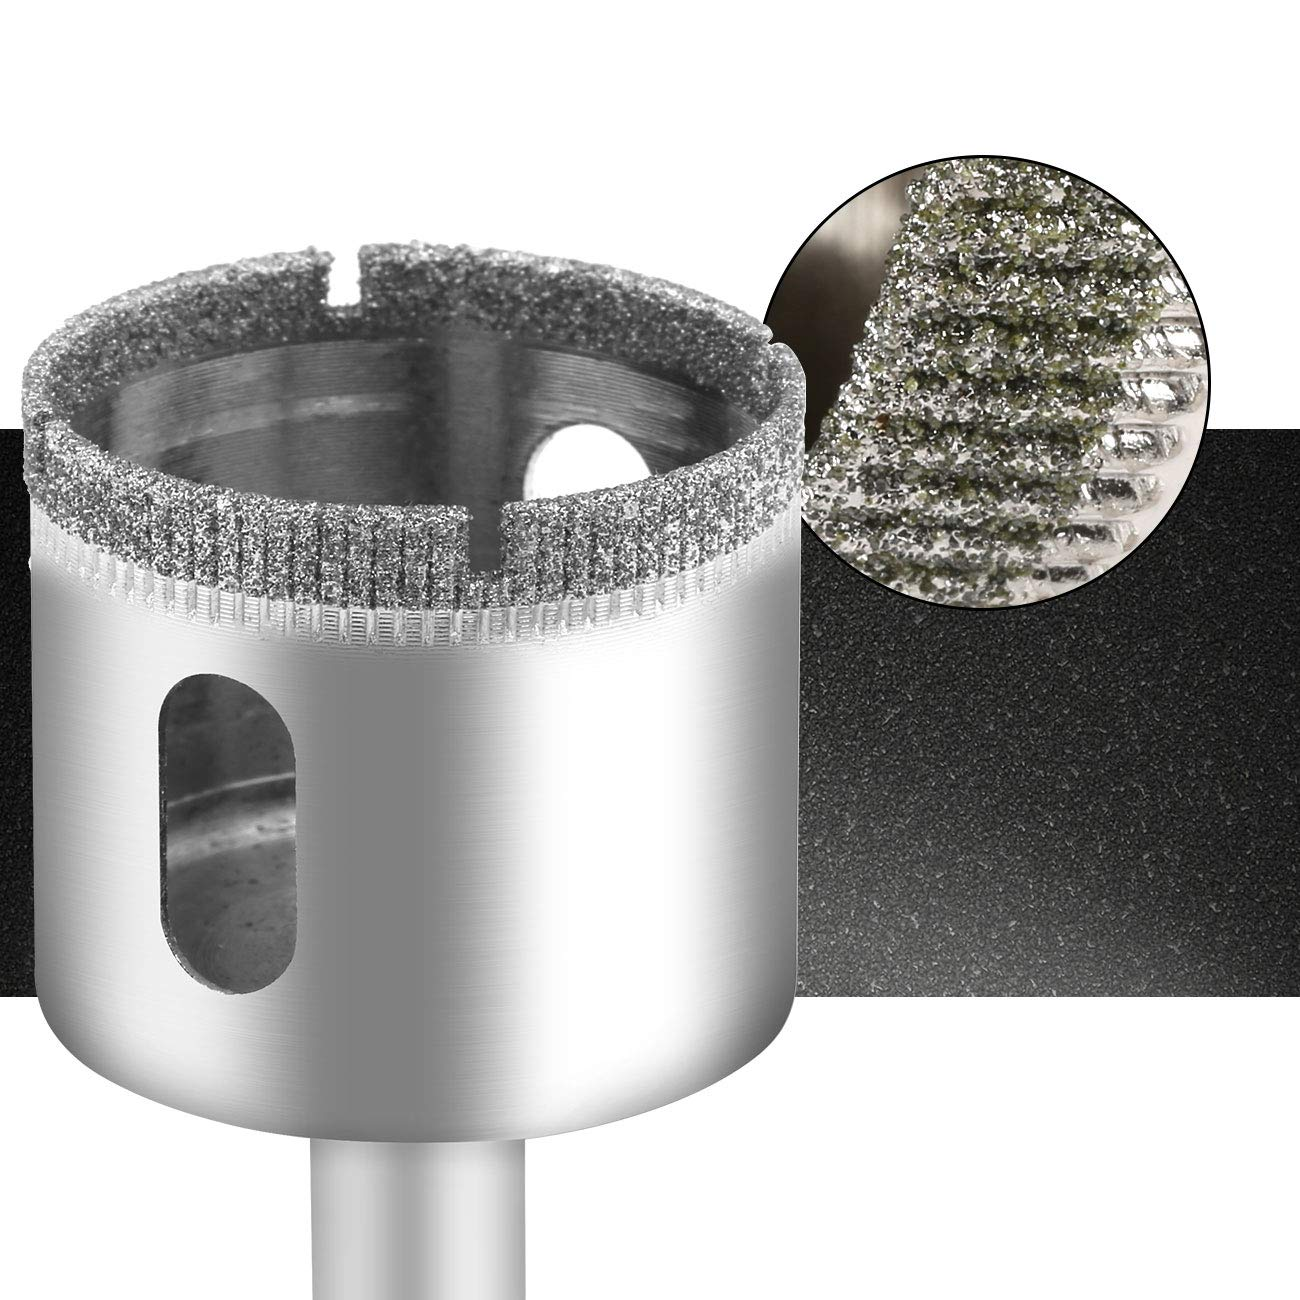 LIHAO 15 pcs Foret Diamant en Acier Porcelaine Carrelage 6-50mm Scie-Cloches Carrelage pour Verre Granite et Pierre etc Marbre C/éramique